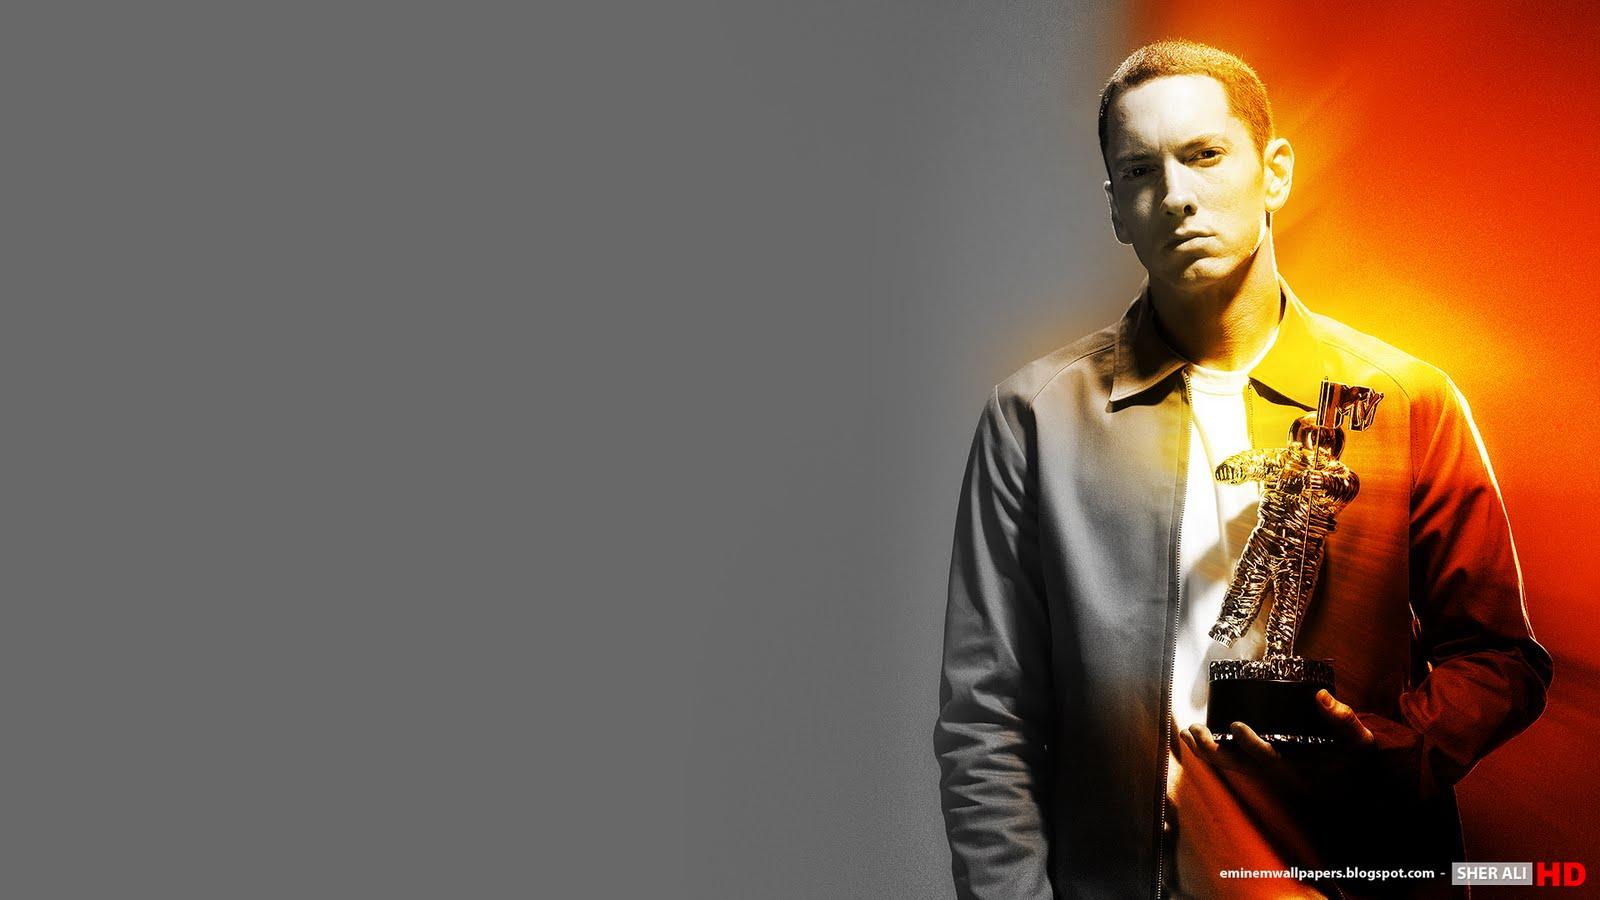 Популярные песни Eminem в mp3 слушать онлайн Эминем